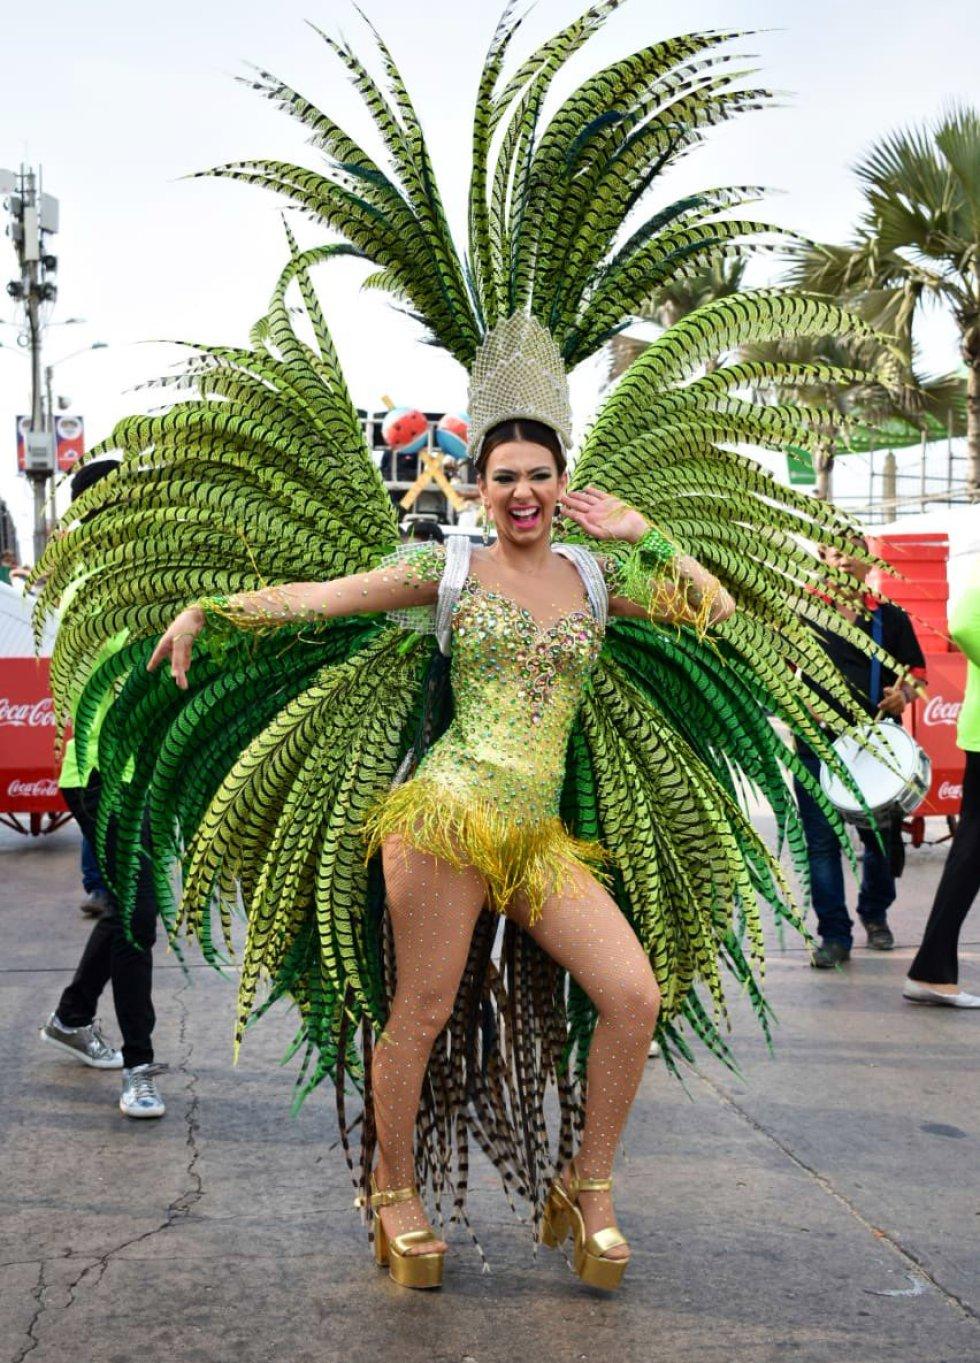 La reina del Carnaval, Carolina Segebre